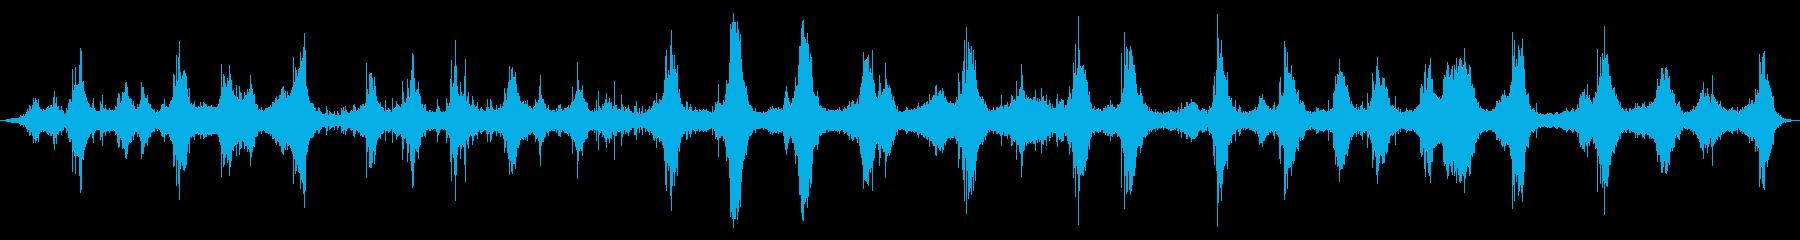 海:地中海:ゆっくりと波がやって来...の再生済みの波形